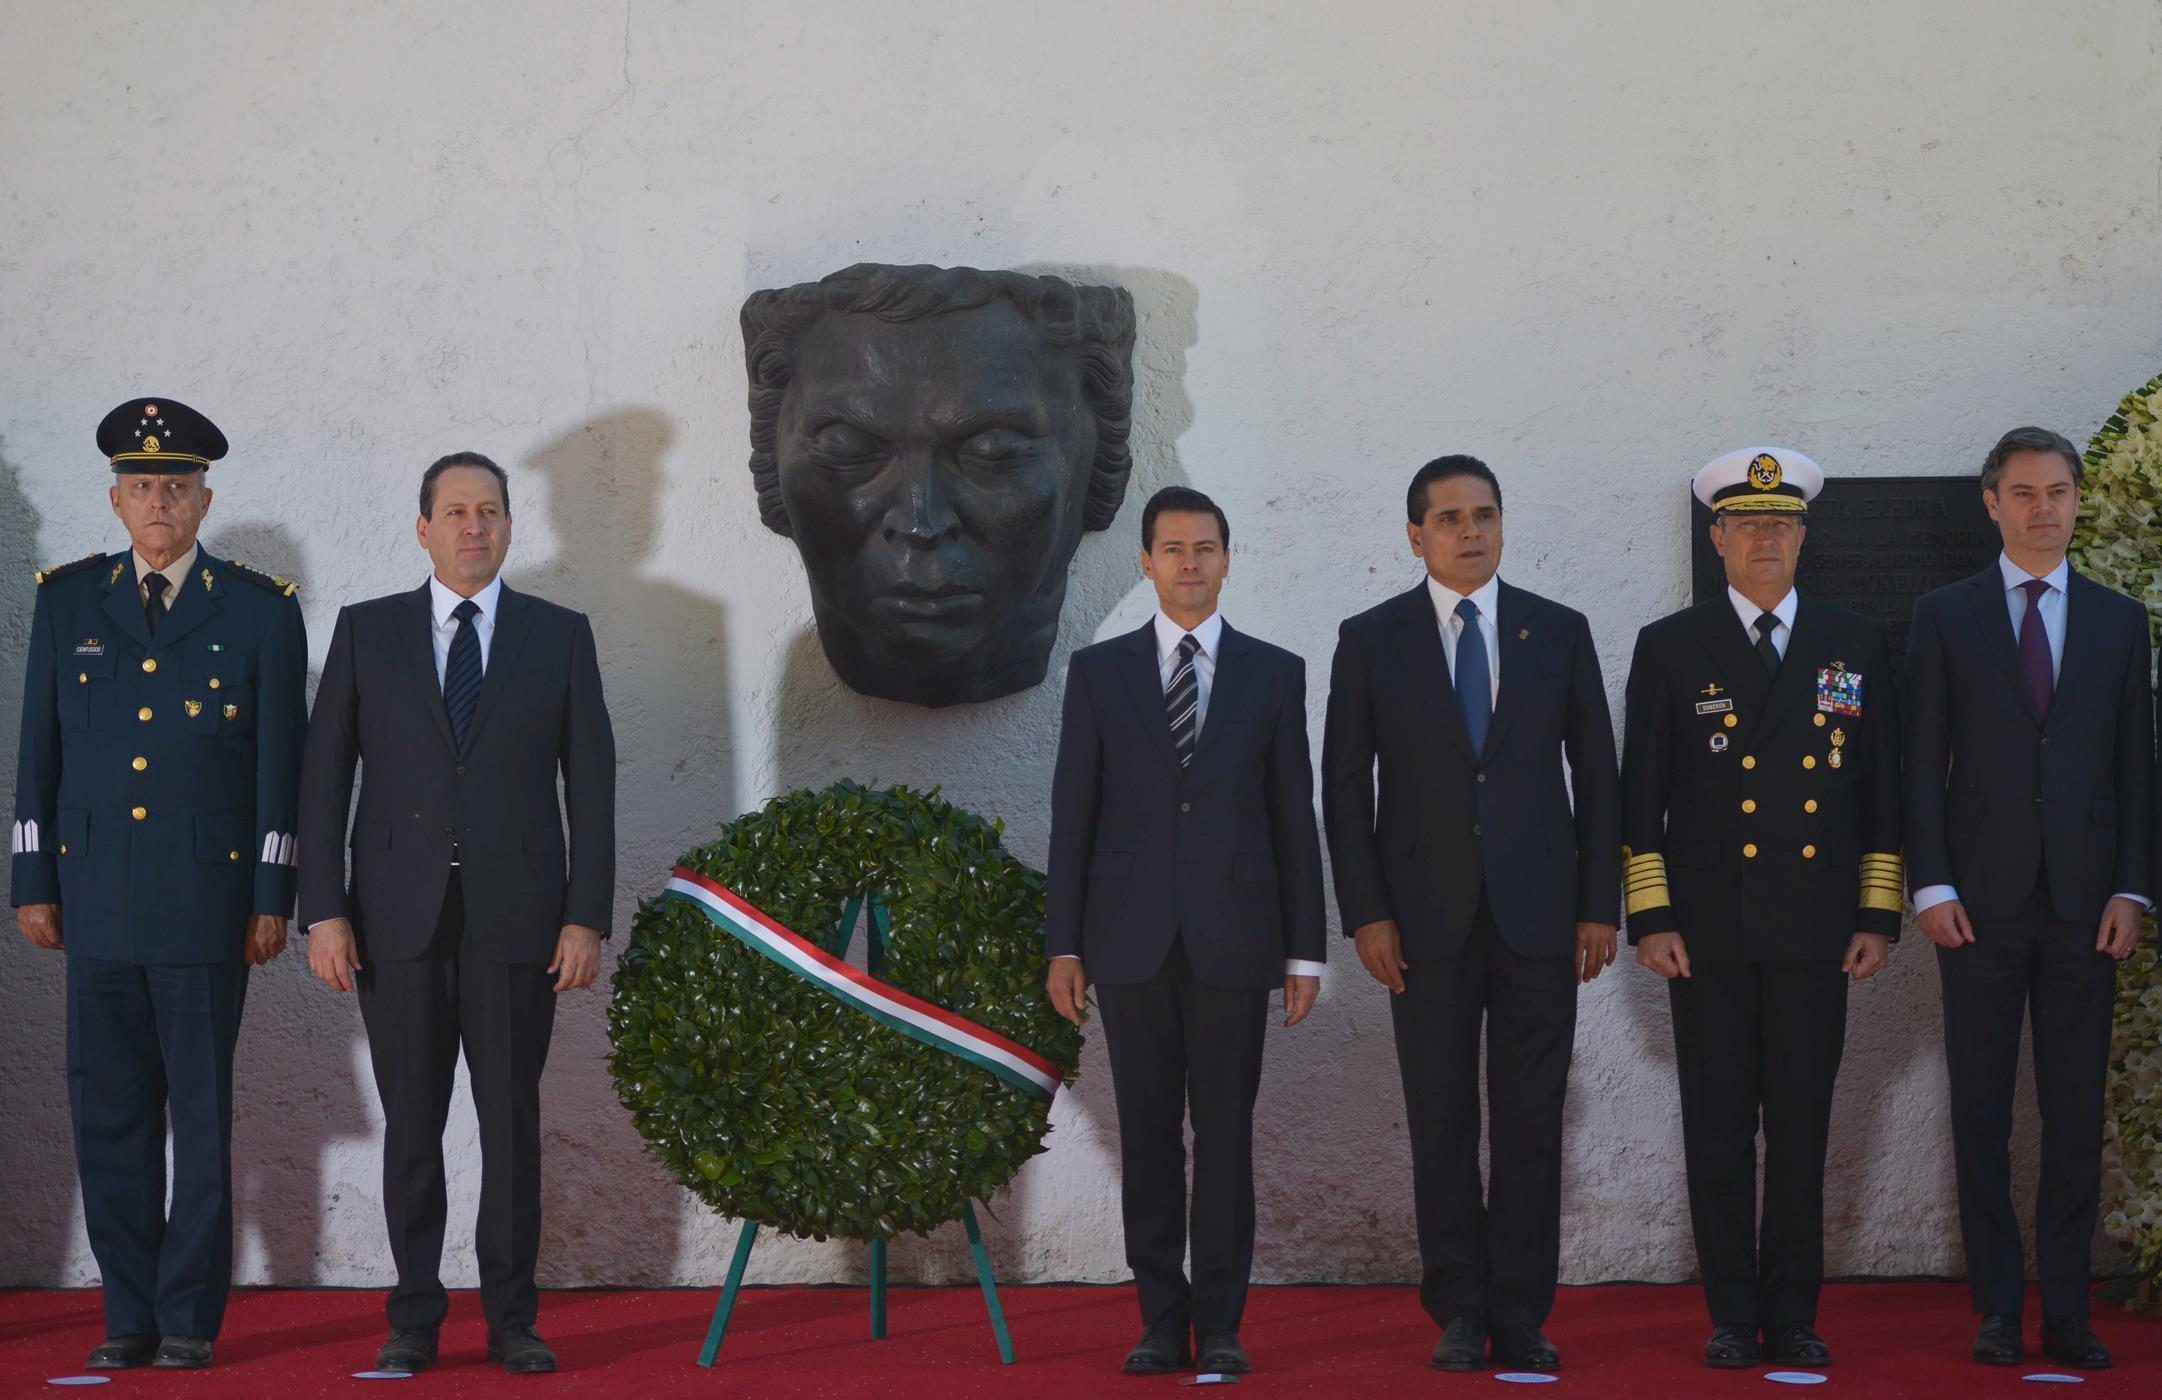 El Primer Mandatario encabezó la Ceremonia Conmemorativa del 201 Aniversario de la Muerte del Generalísimo José María Morelos y Pavón.